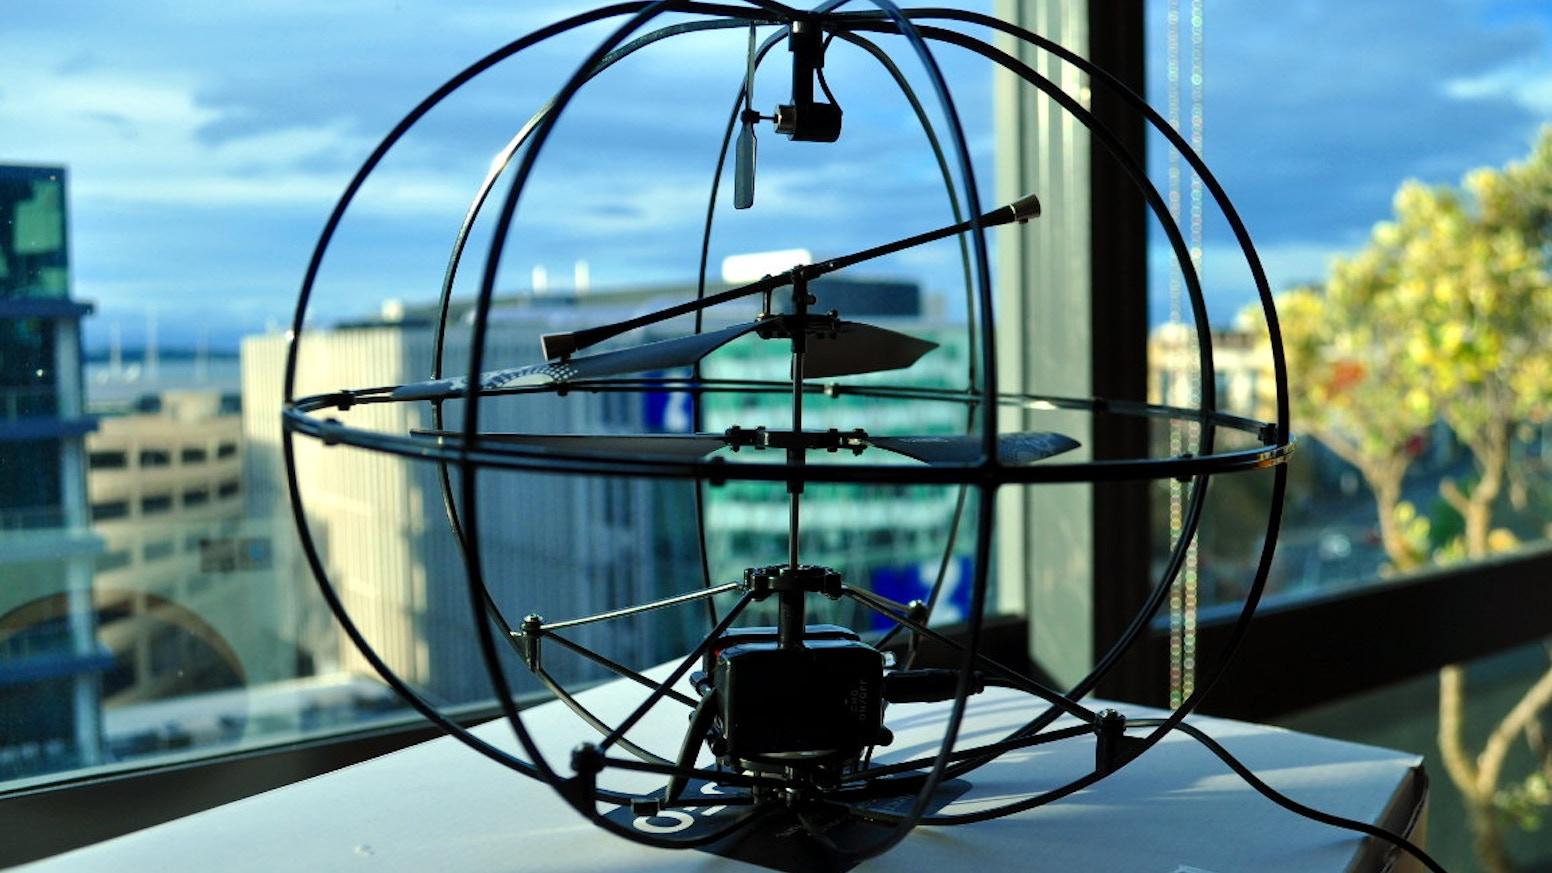 Резултат слика за Orbit Helicopter